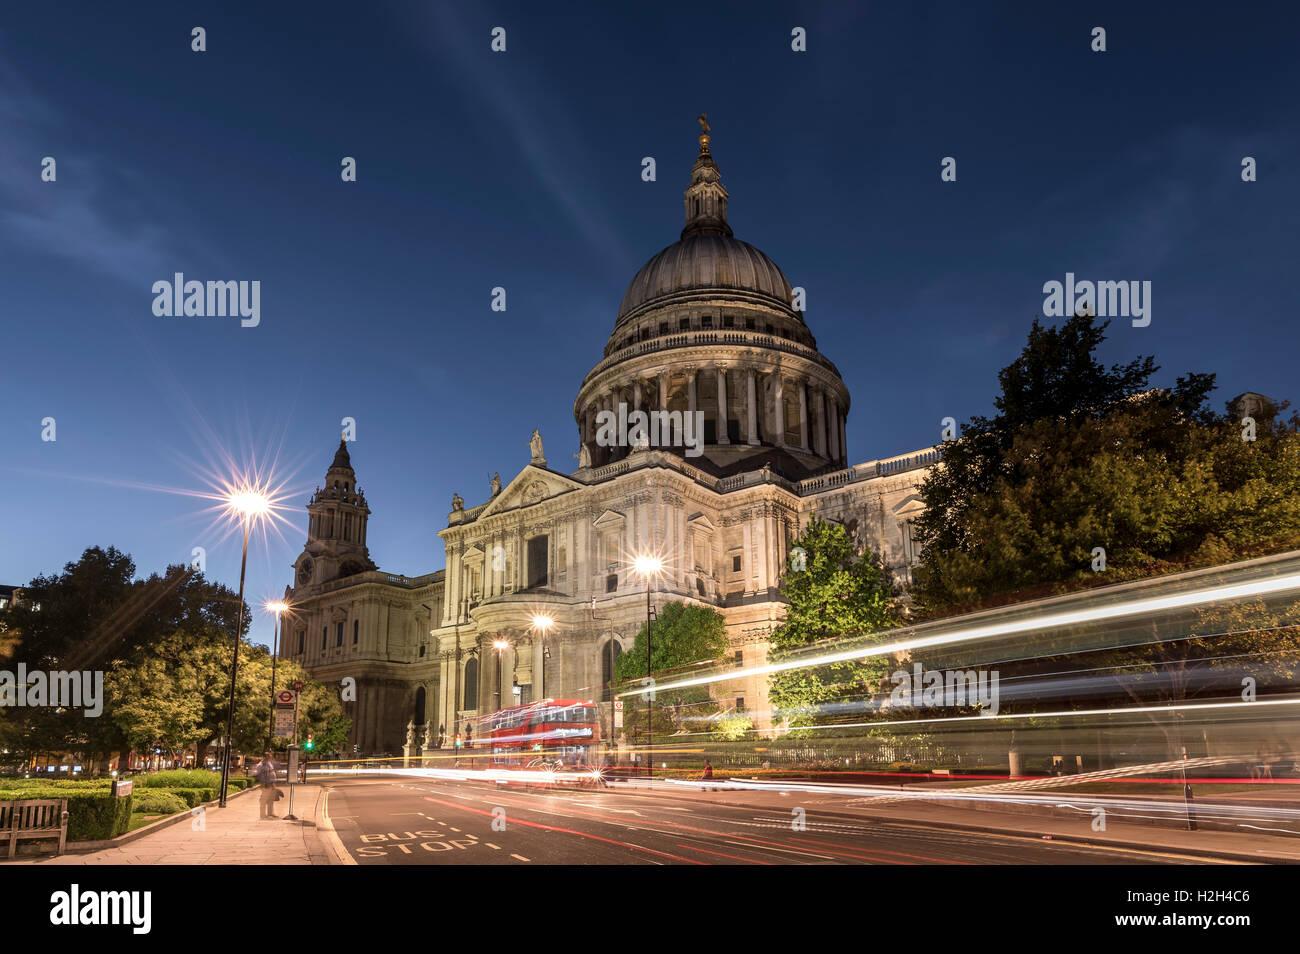 St. Pauls Cathedral, nachts, mit Verkehr wegen der Londoner Busse auf der Straße im Vordergrund des Bildes Stockbild